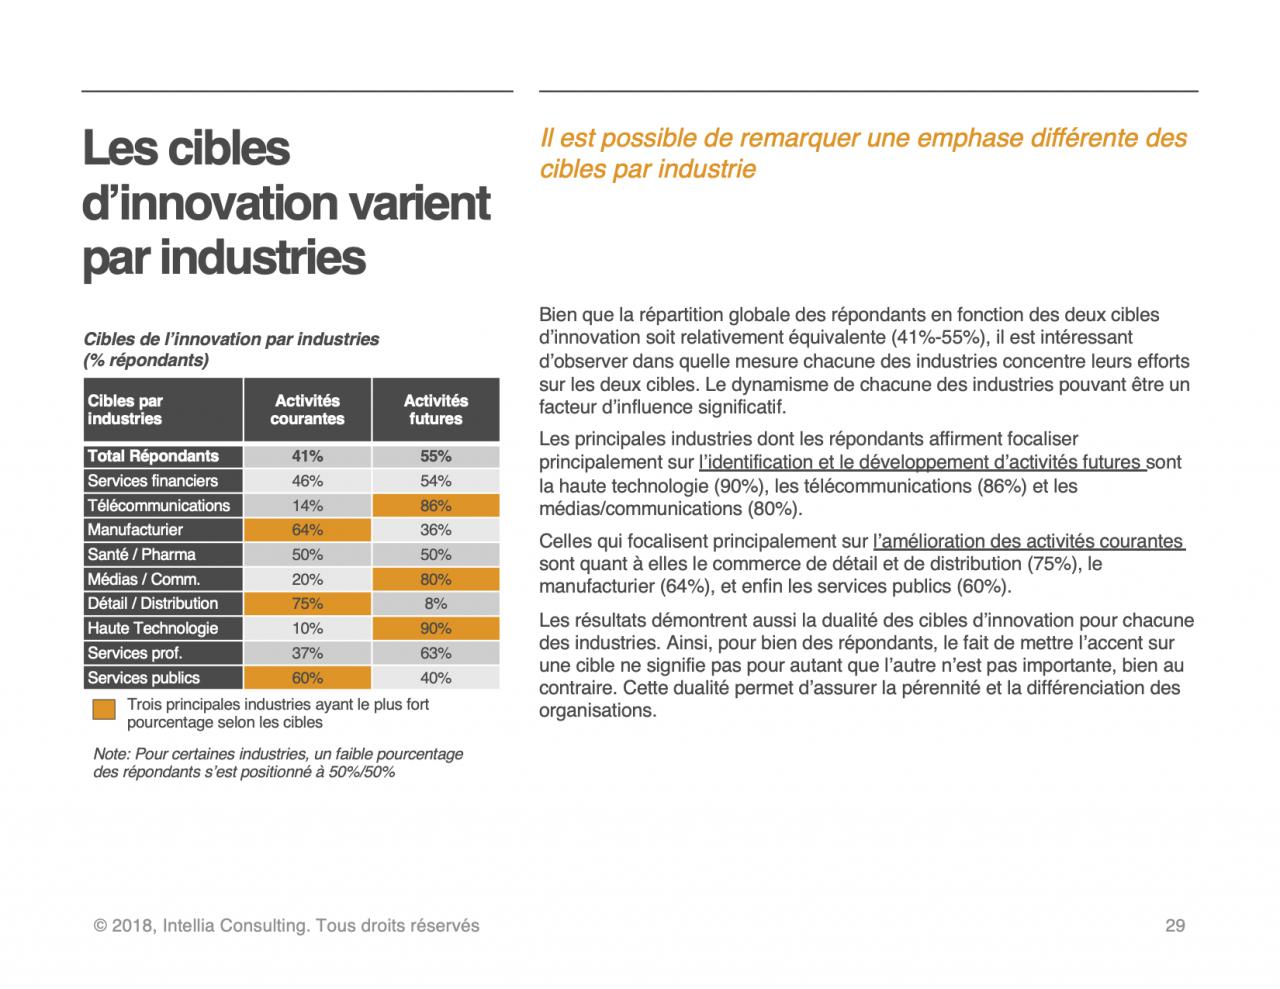 Cibles d'innovation par industries